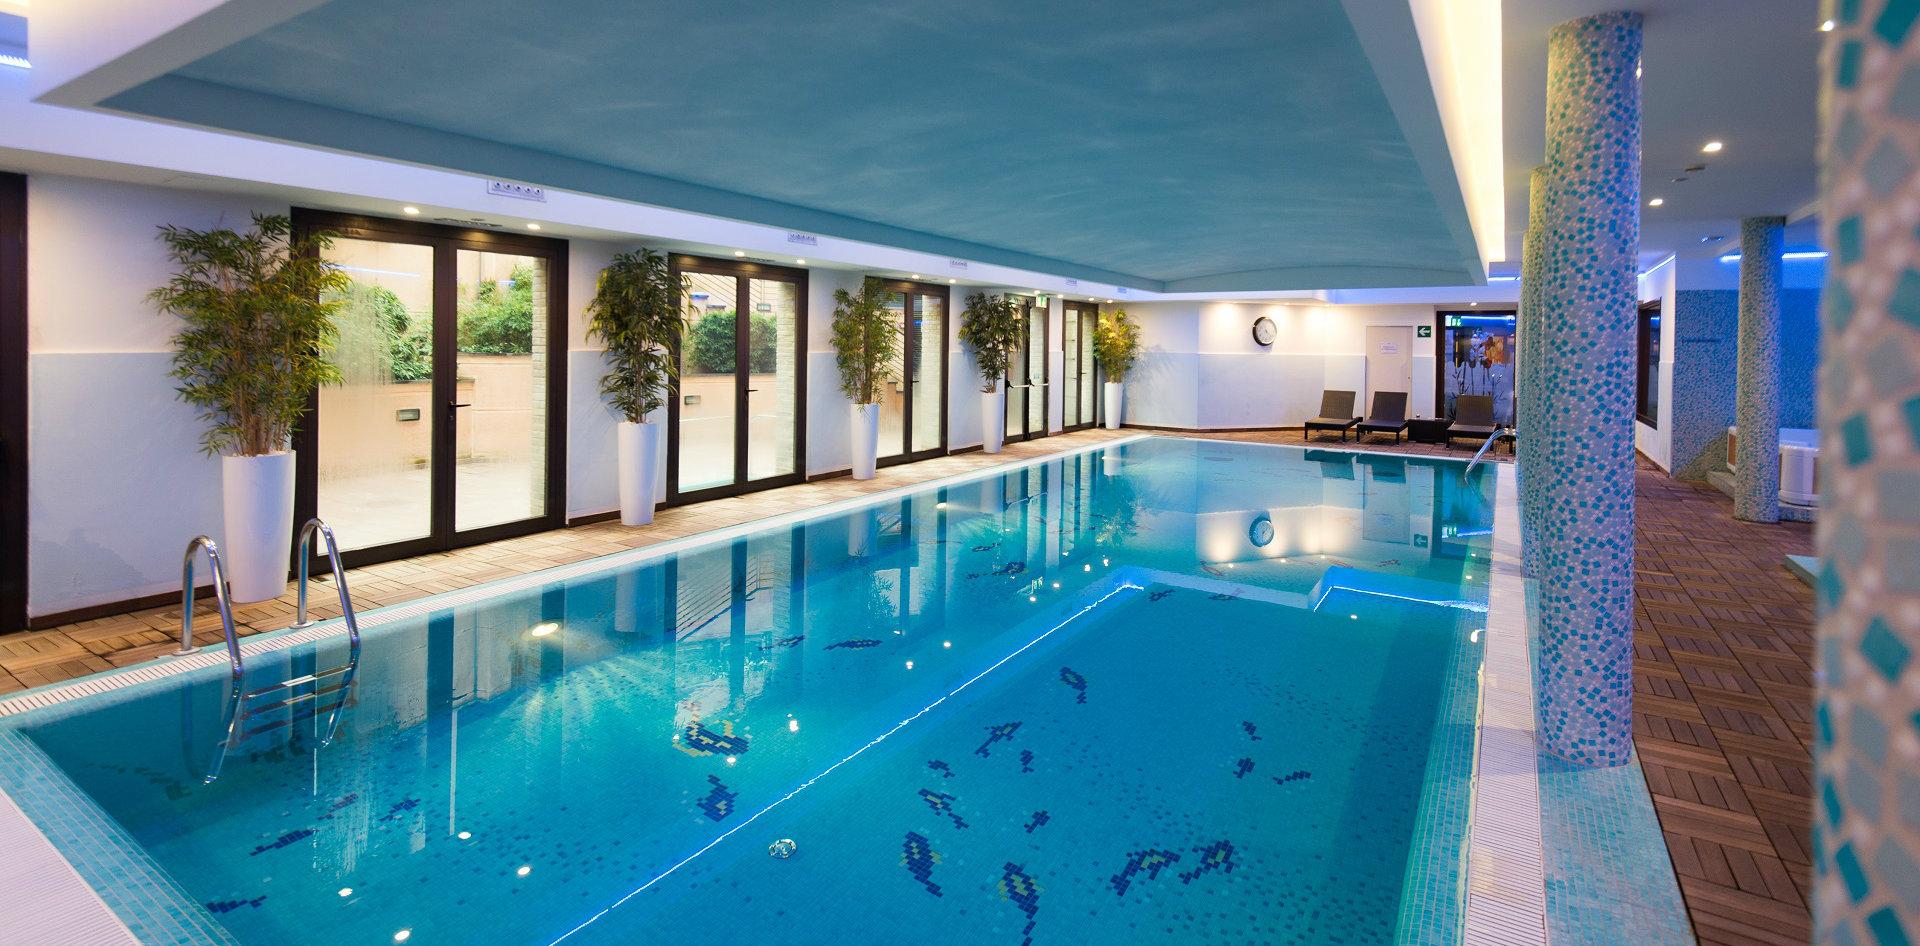 Bagno Turco Milano Prezzi.Armonia Spa Wellness Experience Centro Benessere A